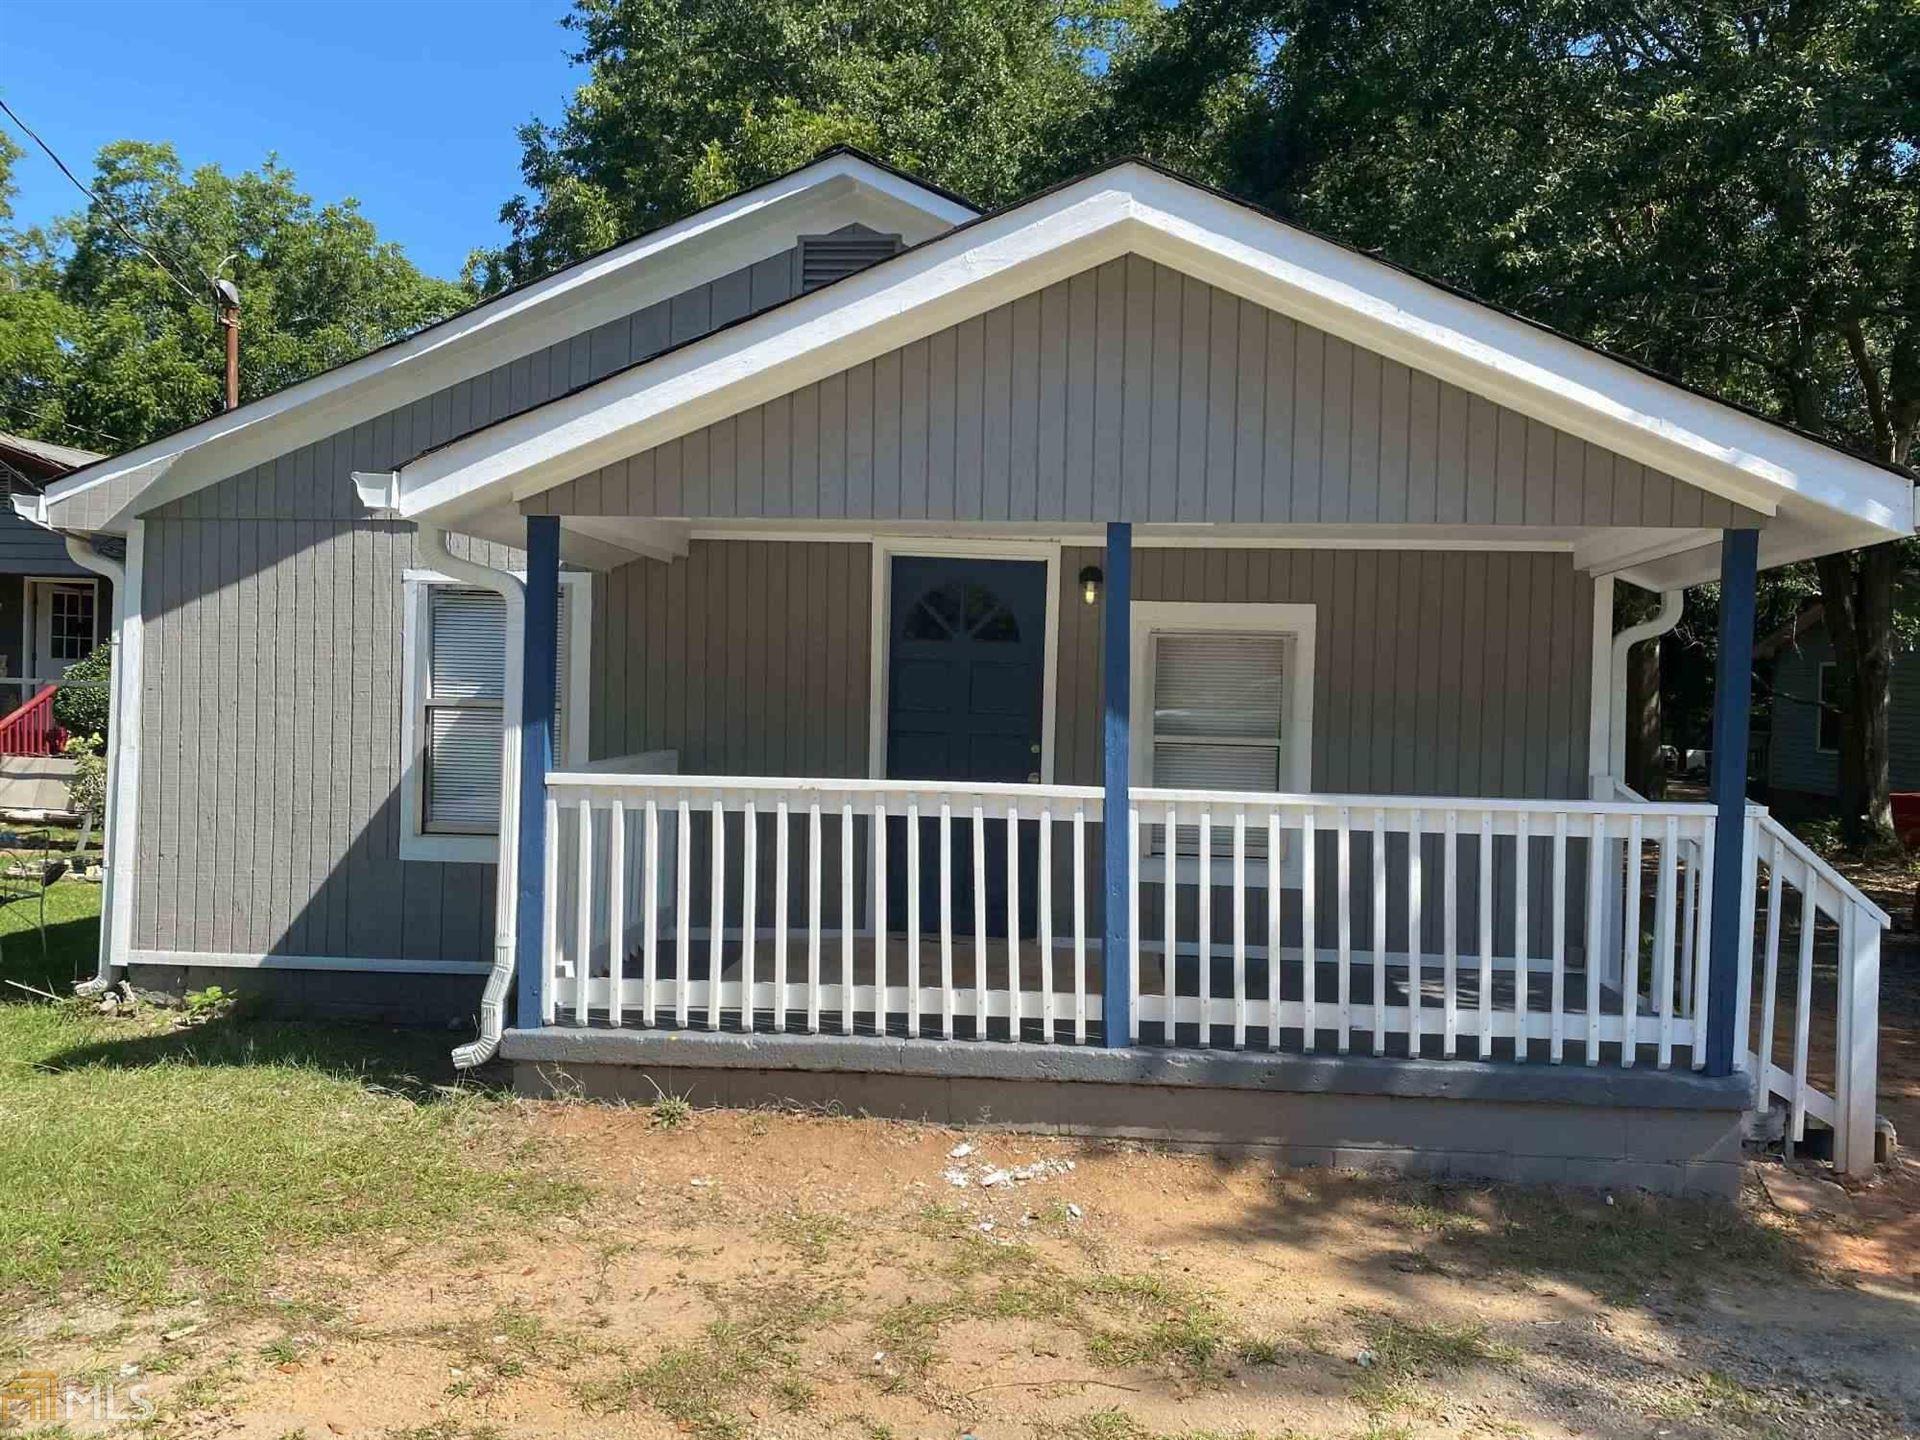 12 Kidd St, Newnan, GA 30263 - MLS#: 8842702